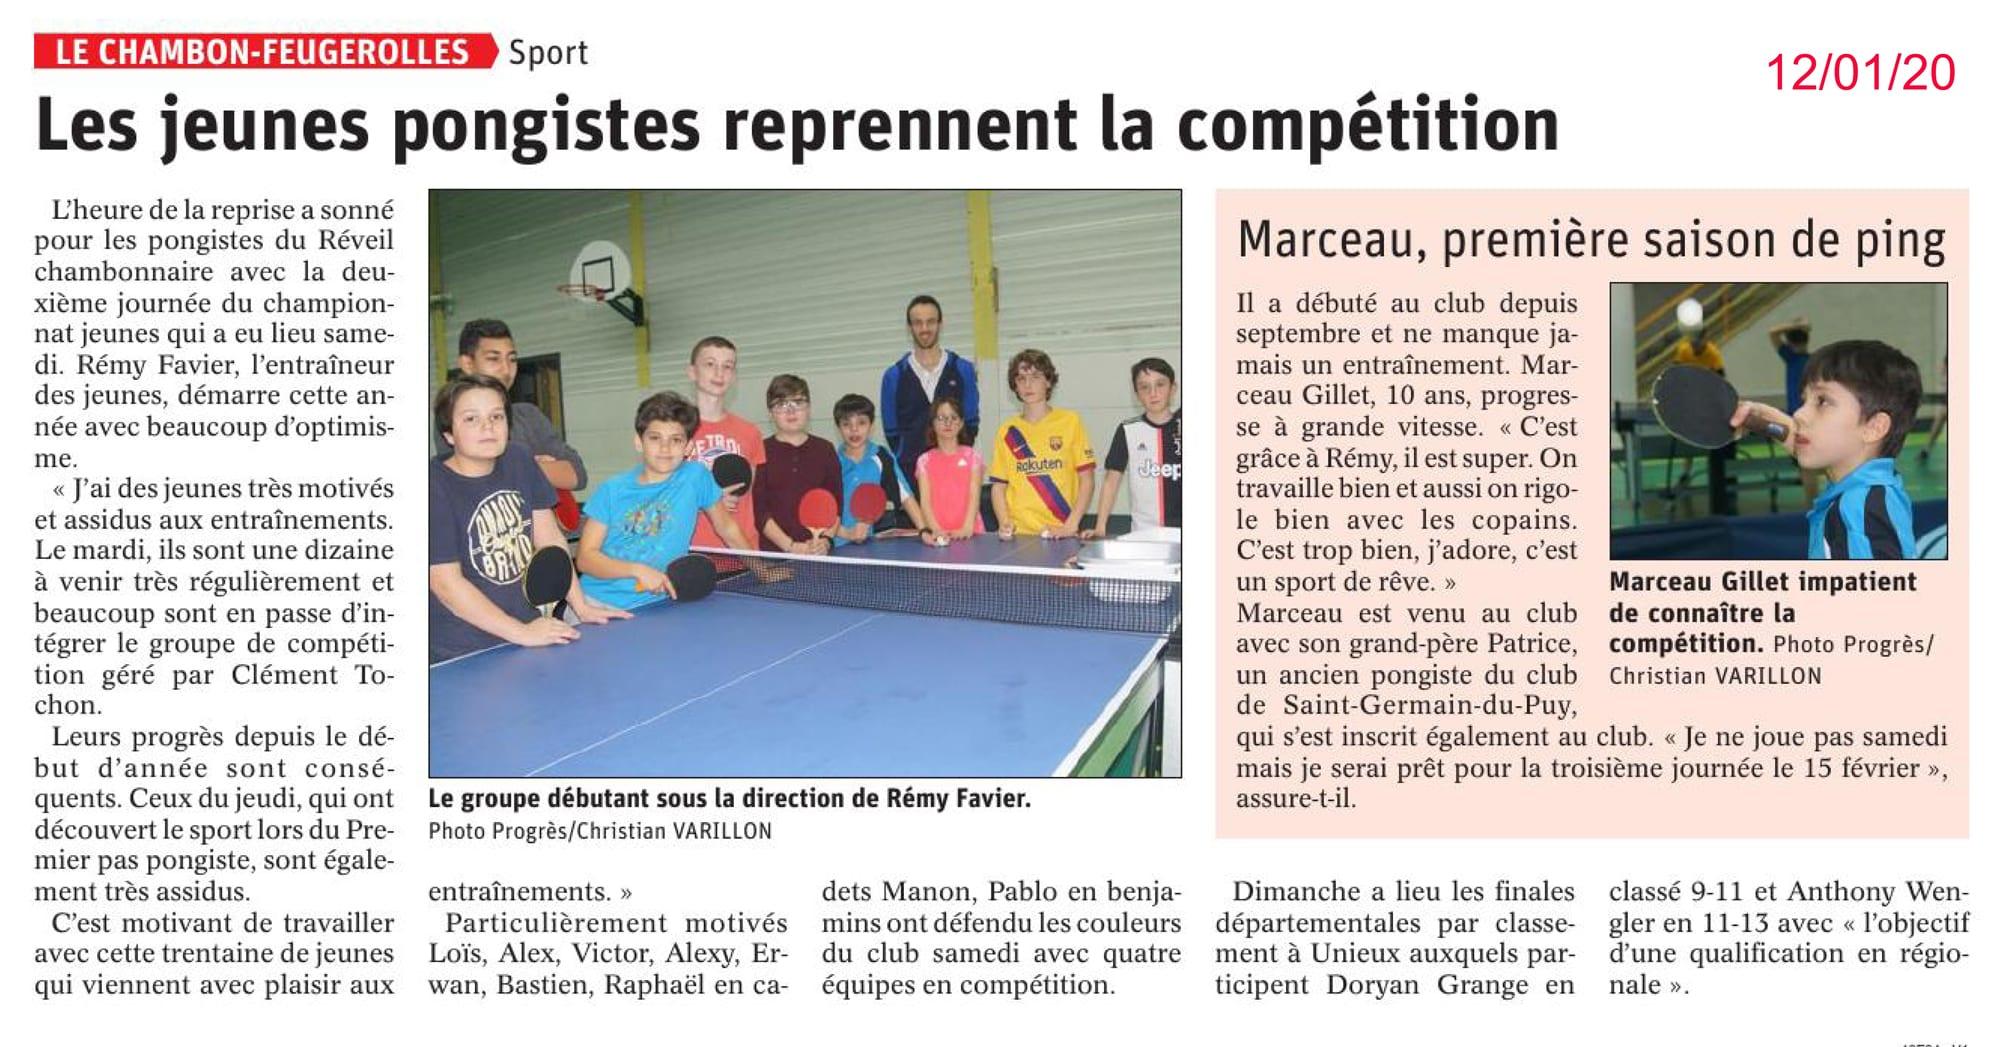 Les plus jeunes en compétition